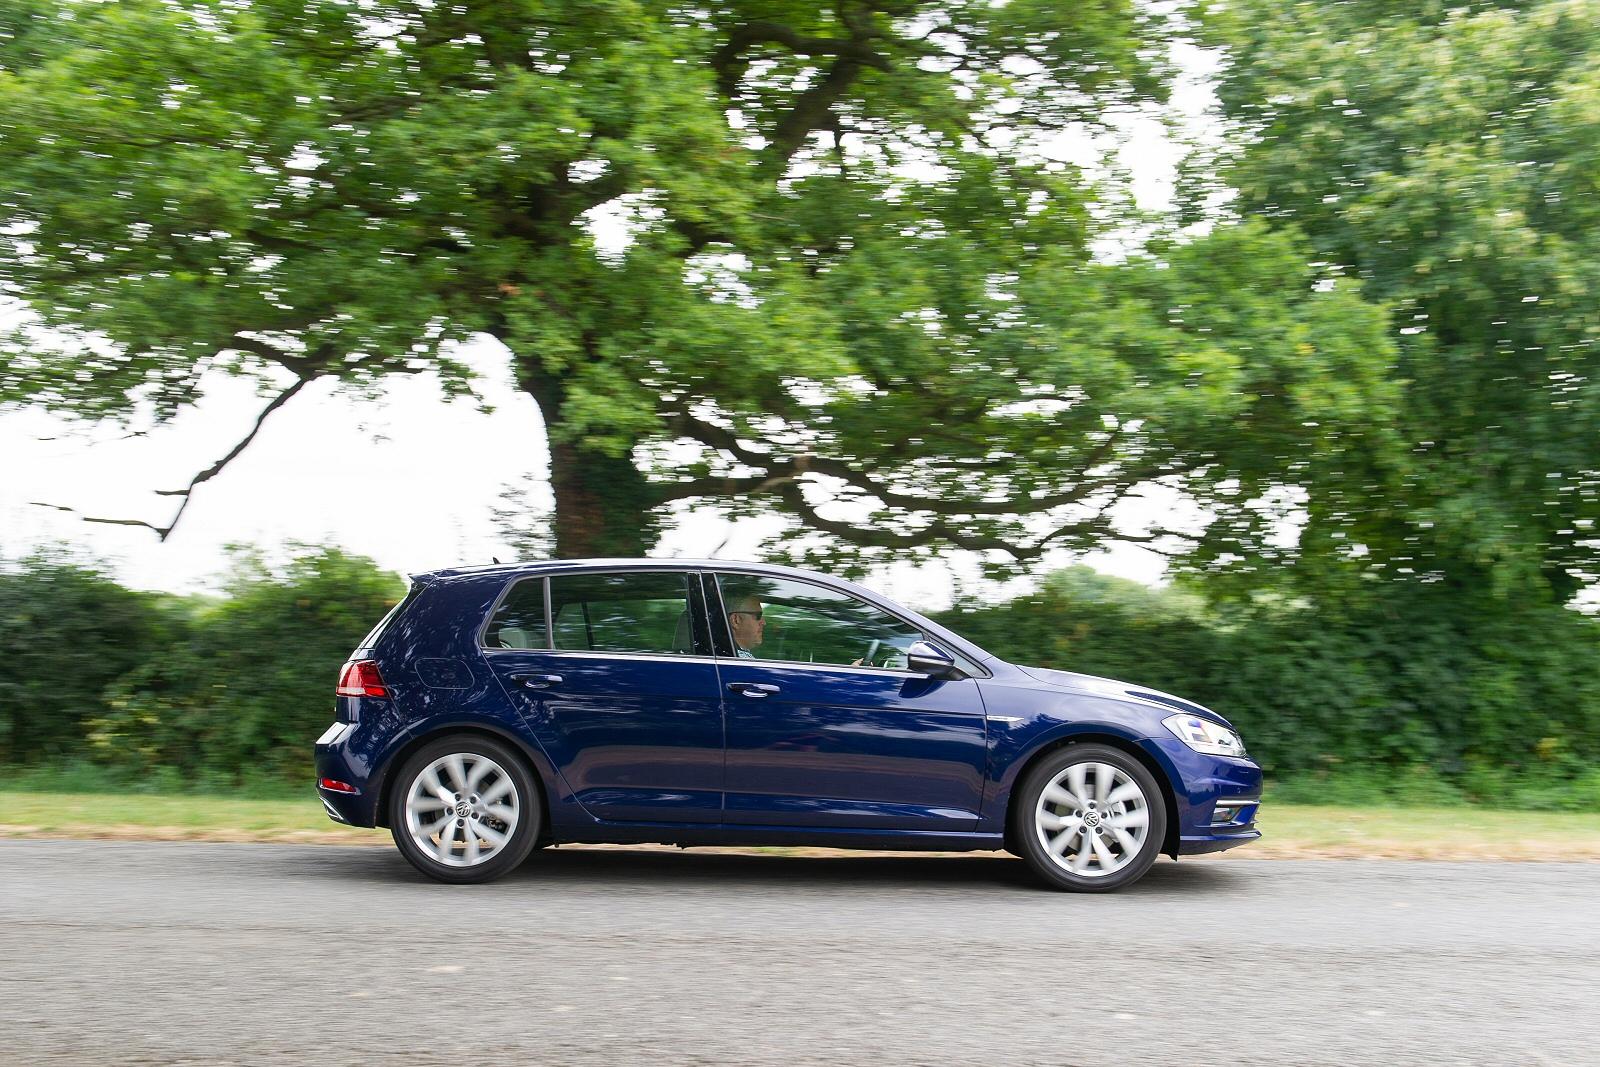 VolkswagenGolf0119(4)